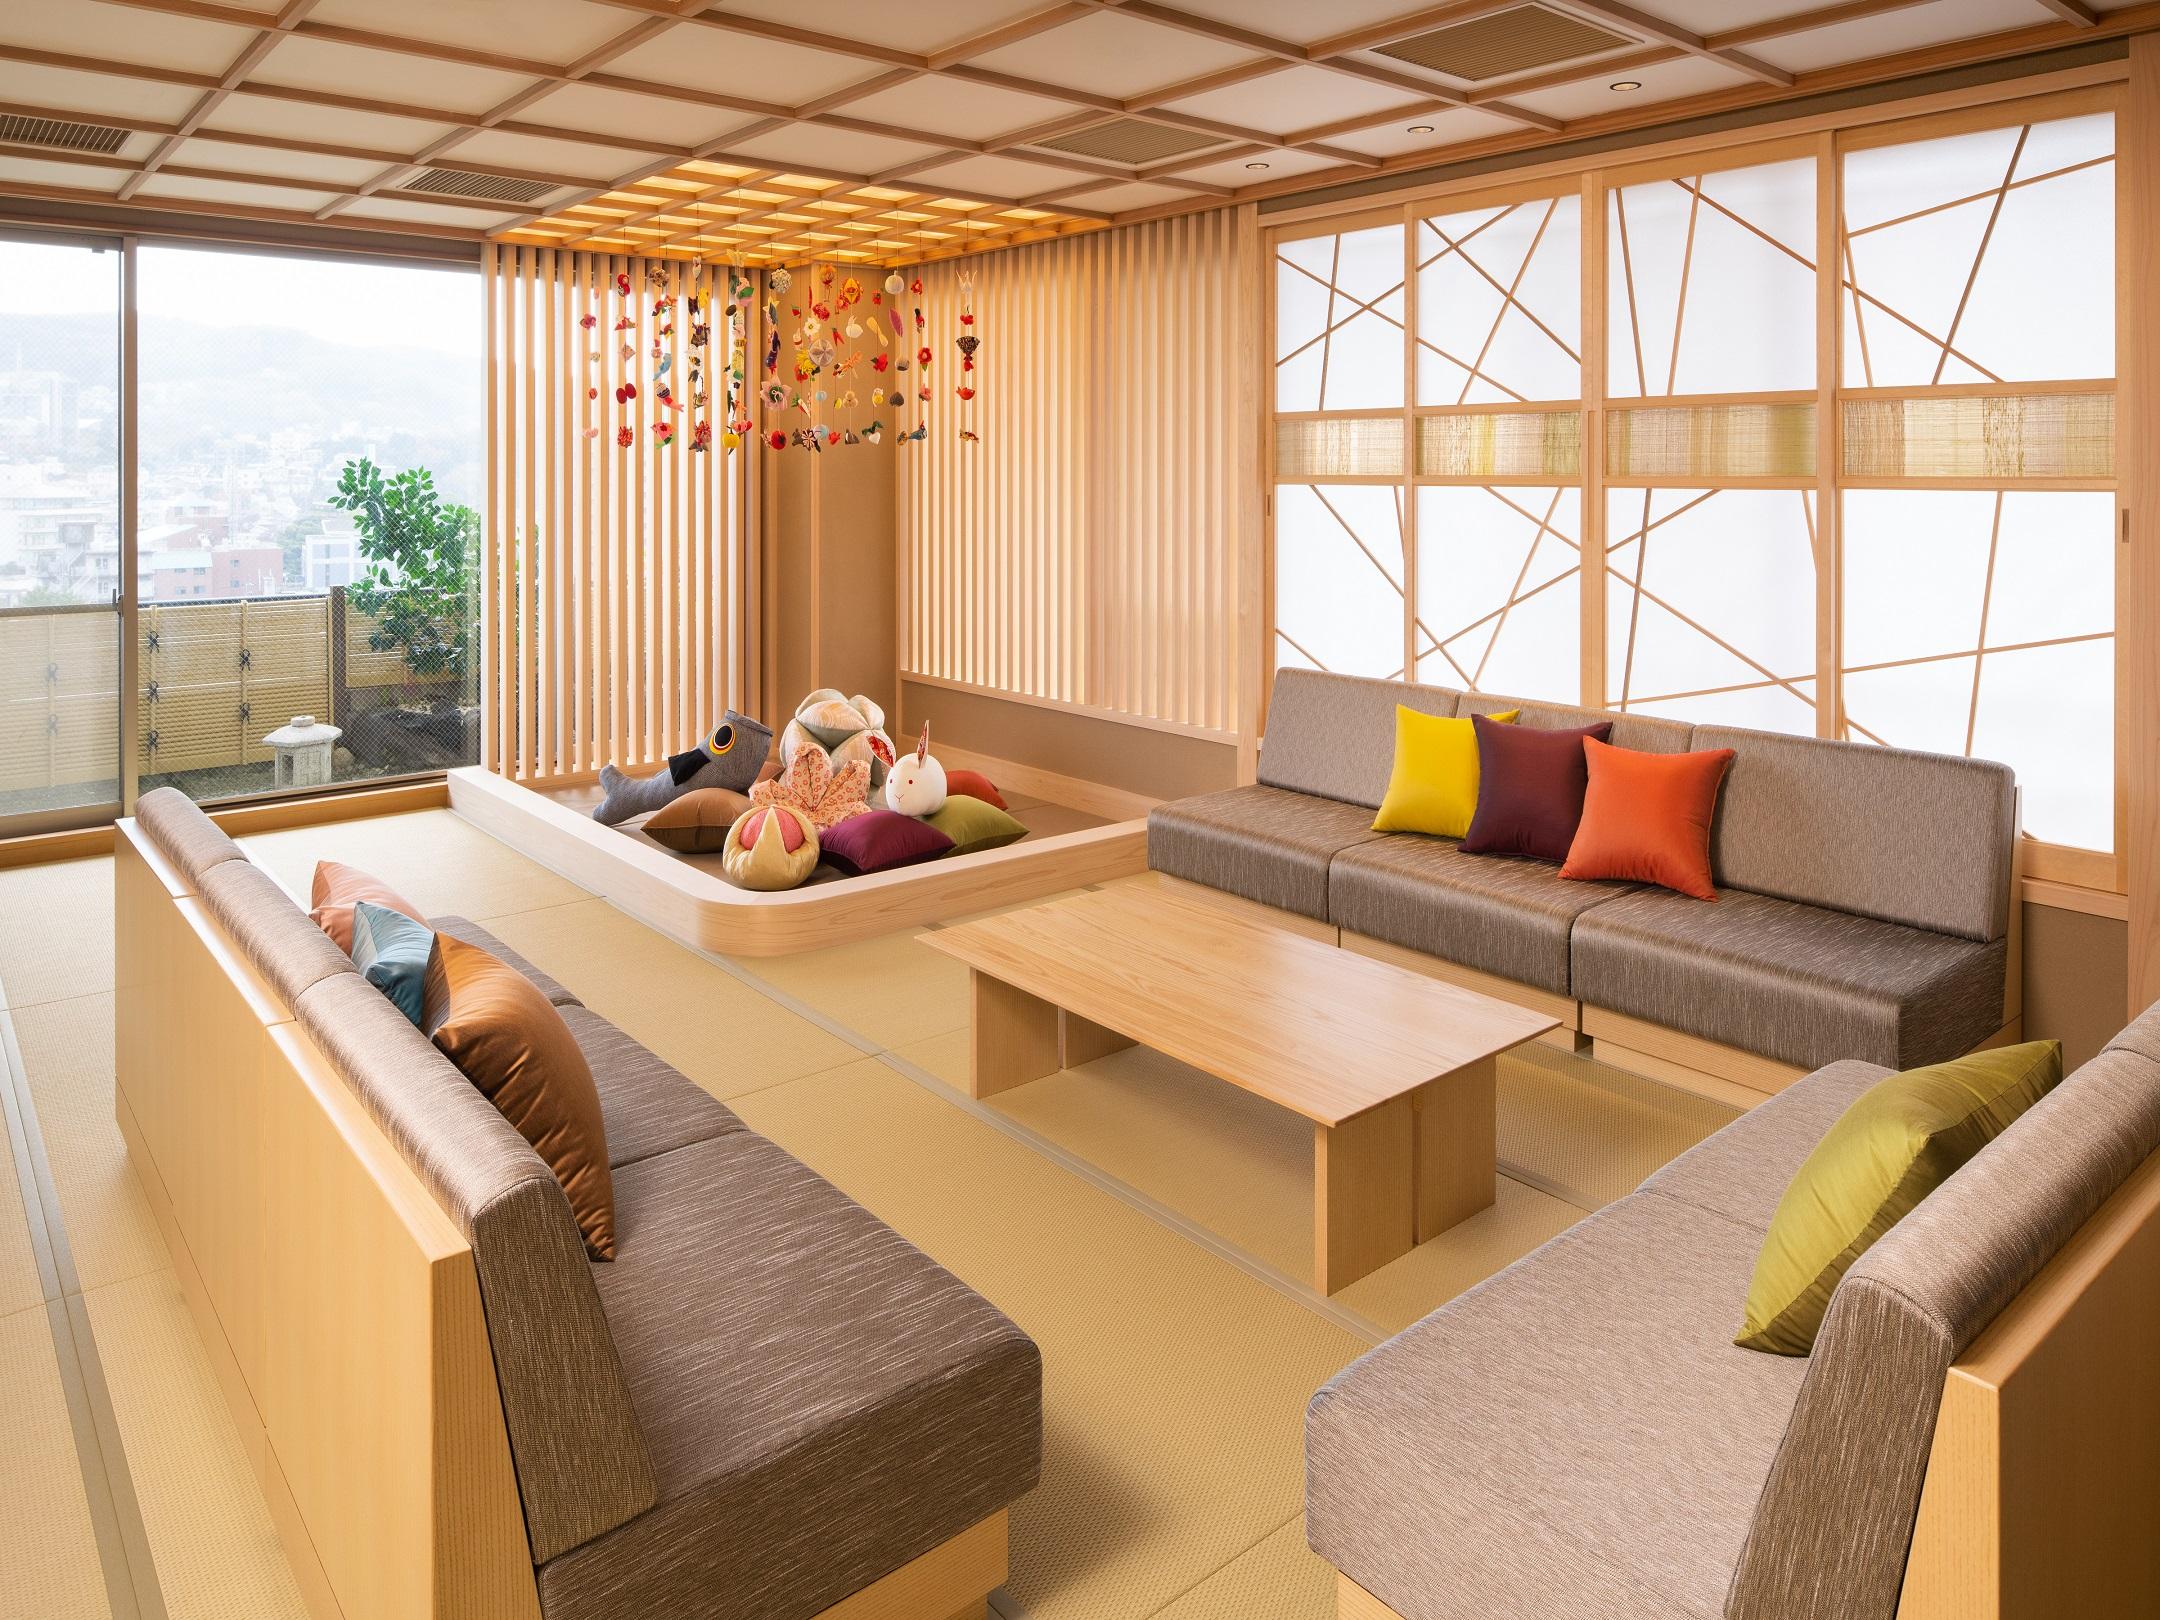 最大8名が宿泊できる「特別和室」は、三世代家族での宿泊におすすめ